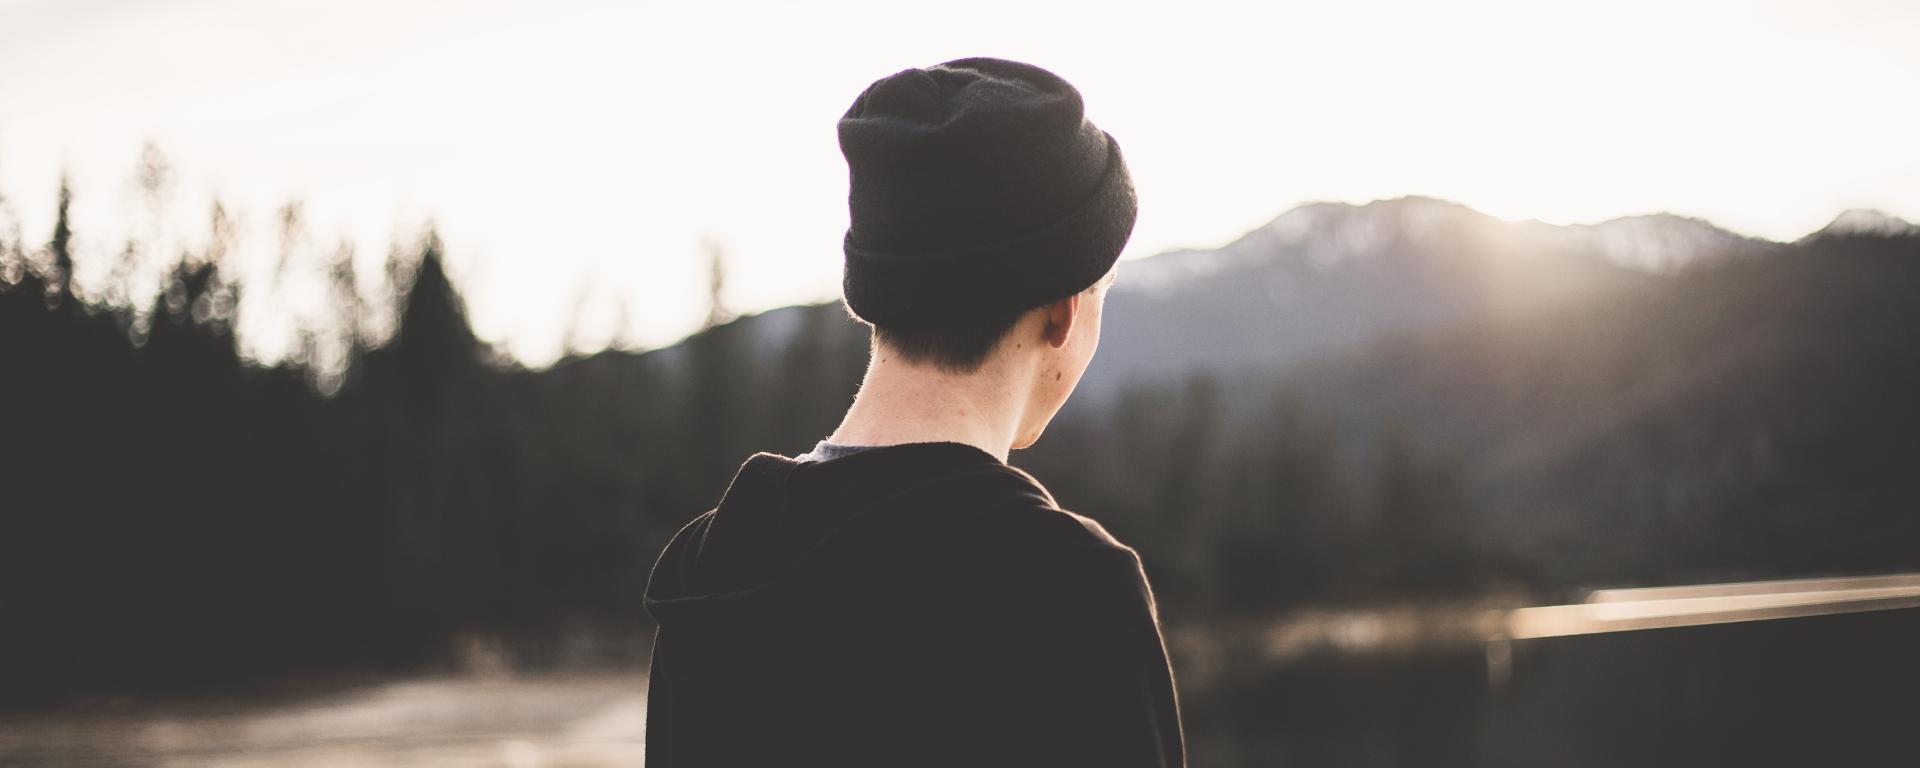 Poika seisoo selin musta pipo päässään katsellen maisemaa, jossa joki ja vuori. Aurinko paistaa hänen kasvoihin vuorten takaa.